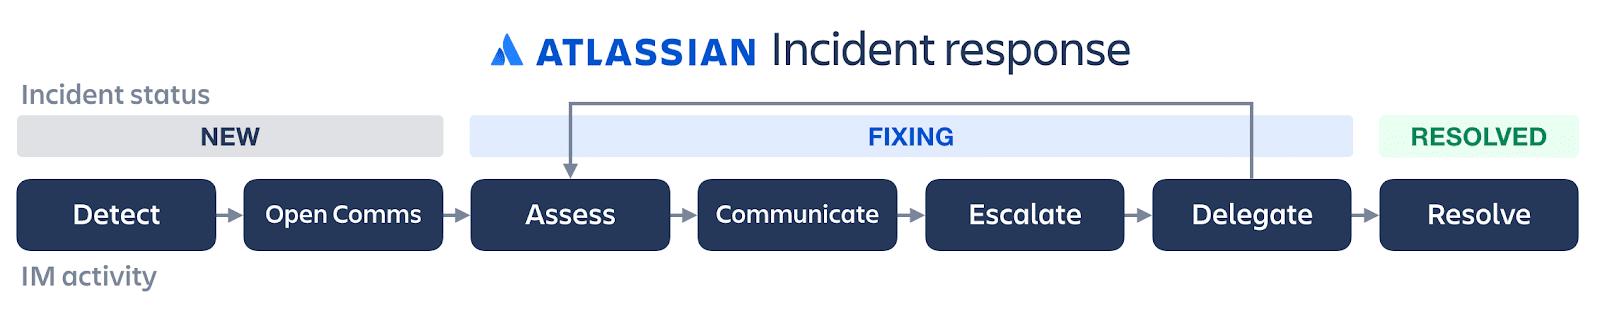 Схема жизненного цикла реагирования на инциденты компании Atlassian